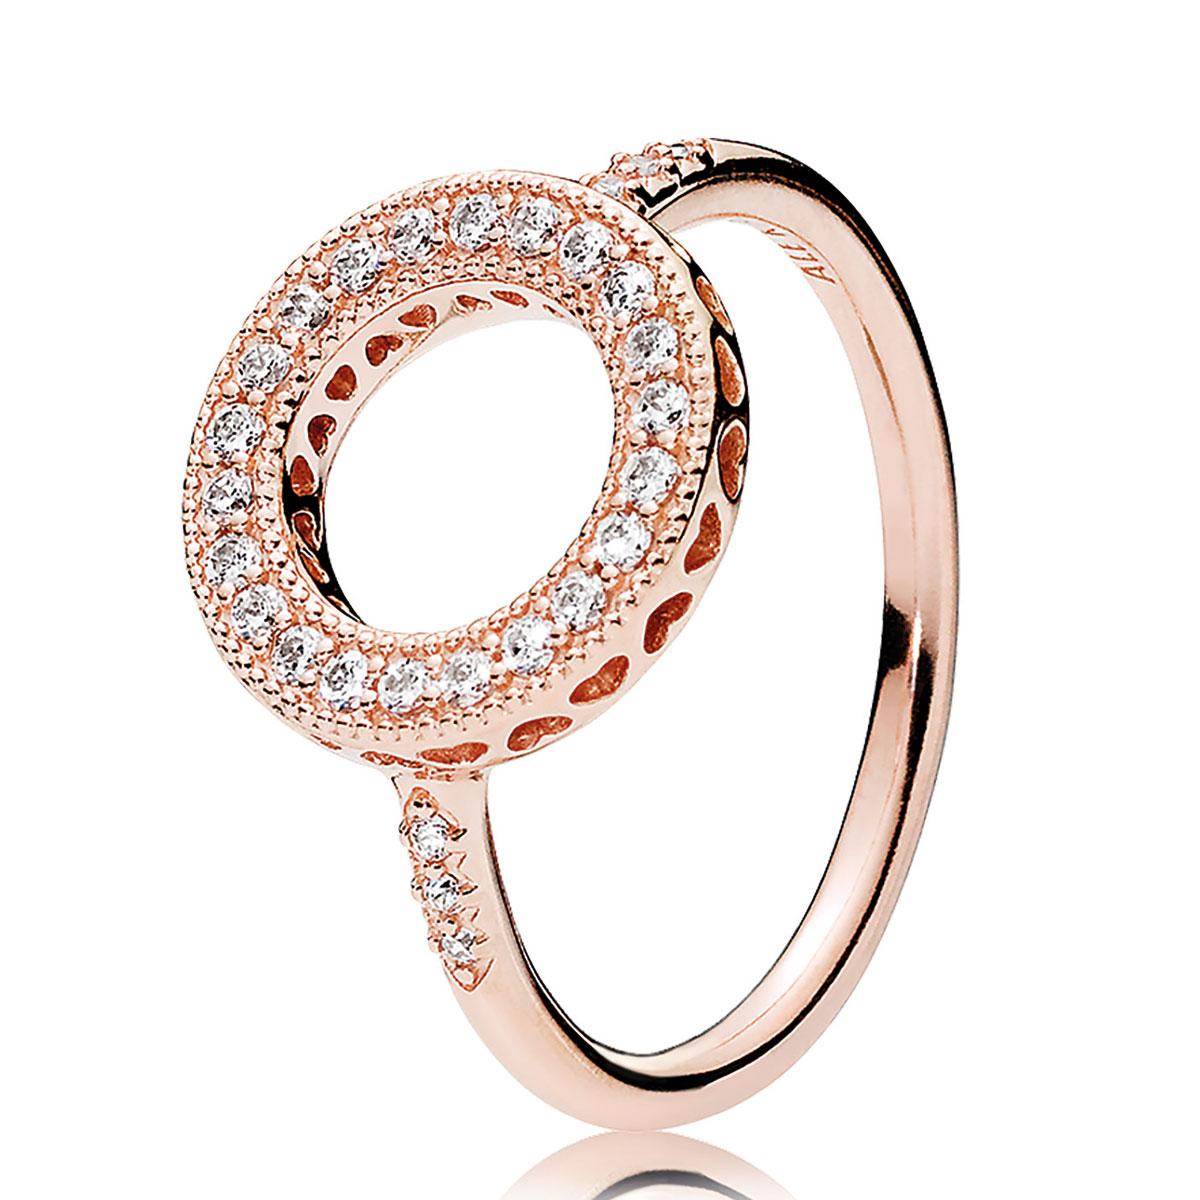 2d9c5ab95 ... usa pandora rose clear cz hearts of pandora halo ring 03c64 d952c